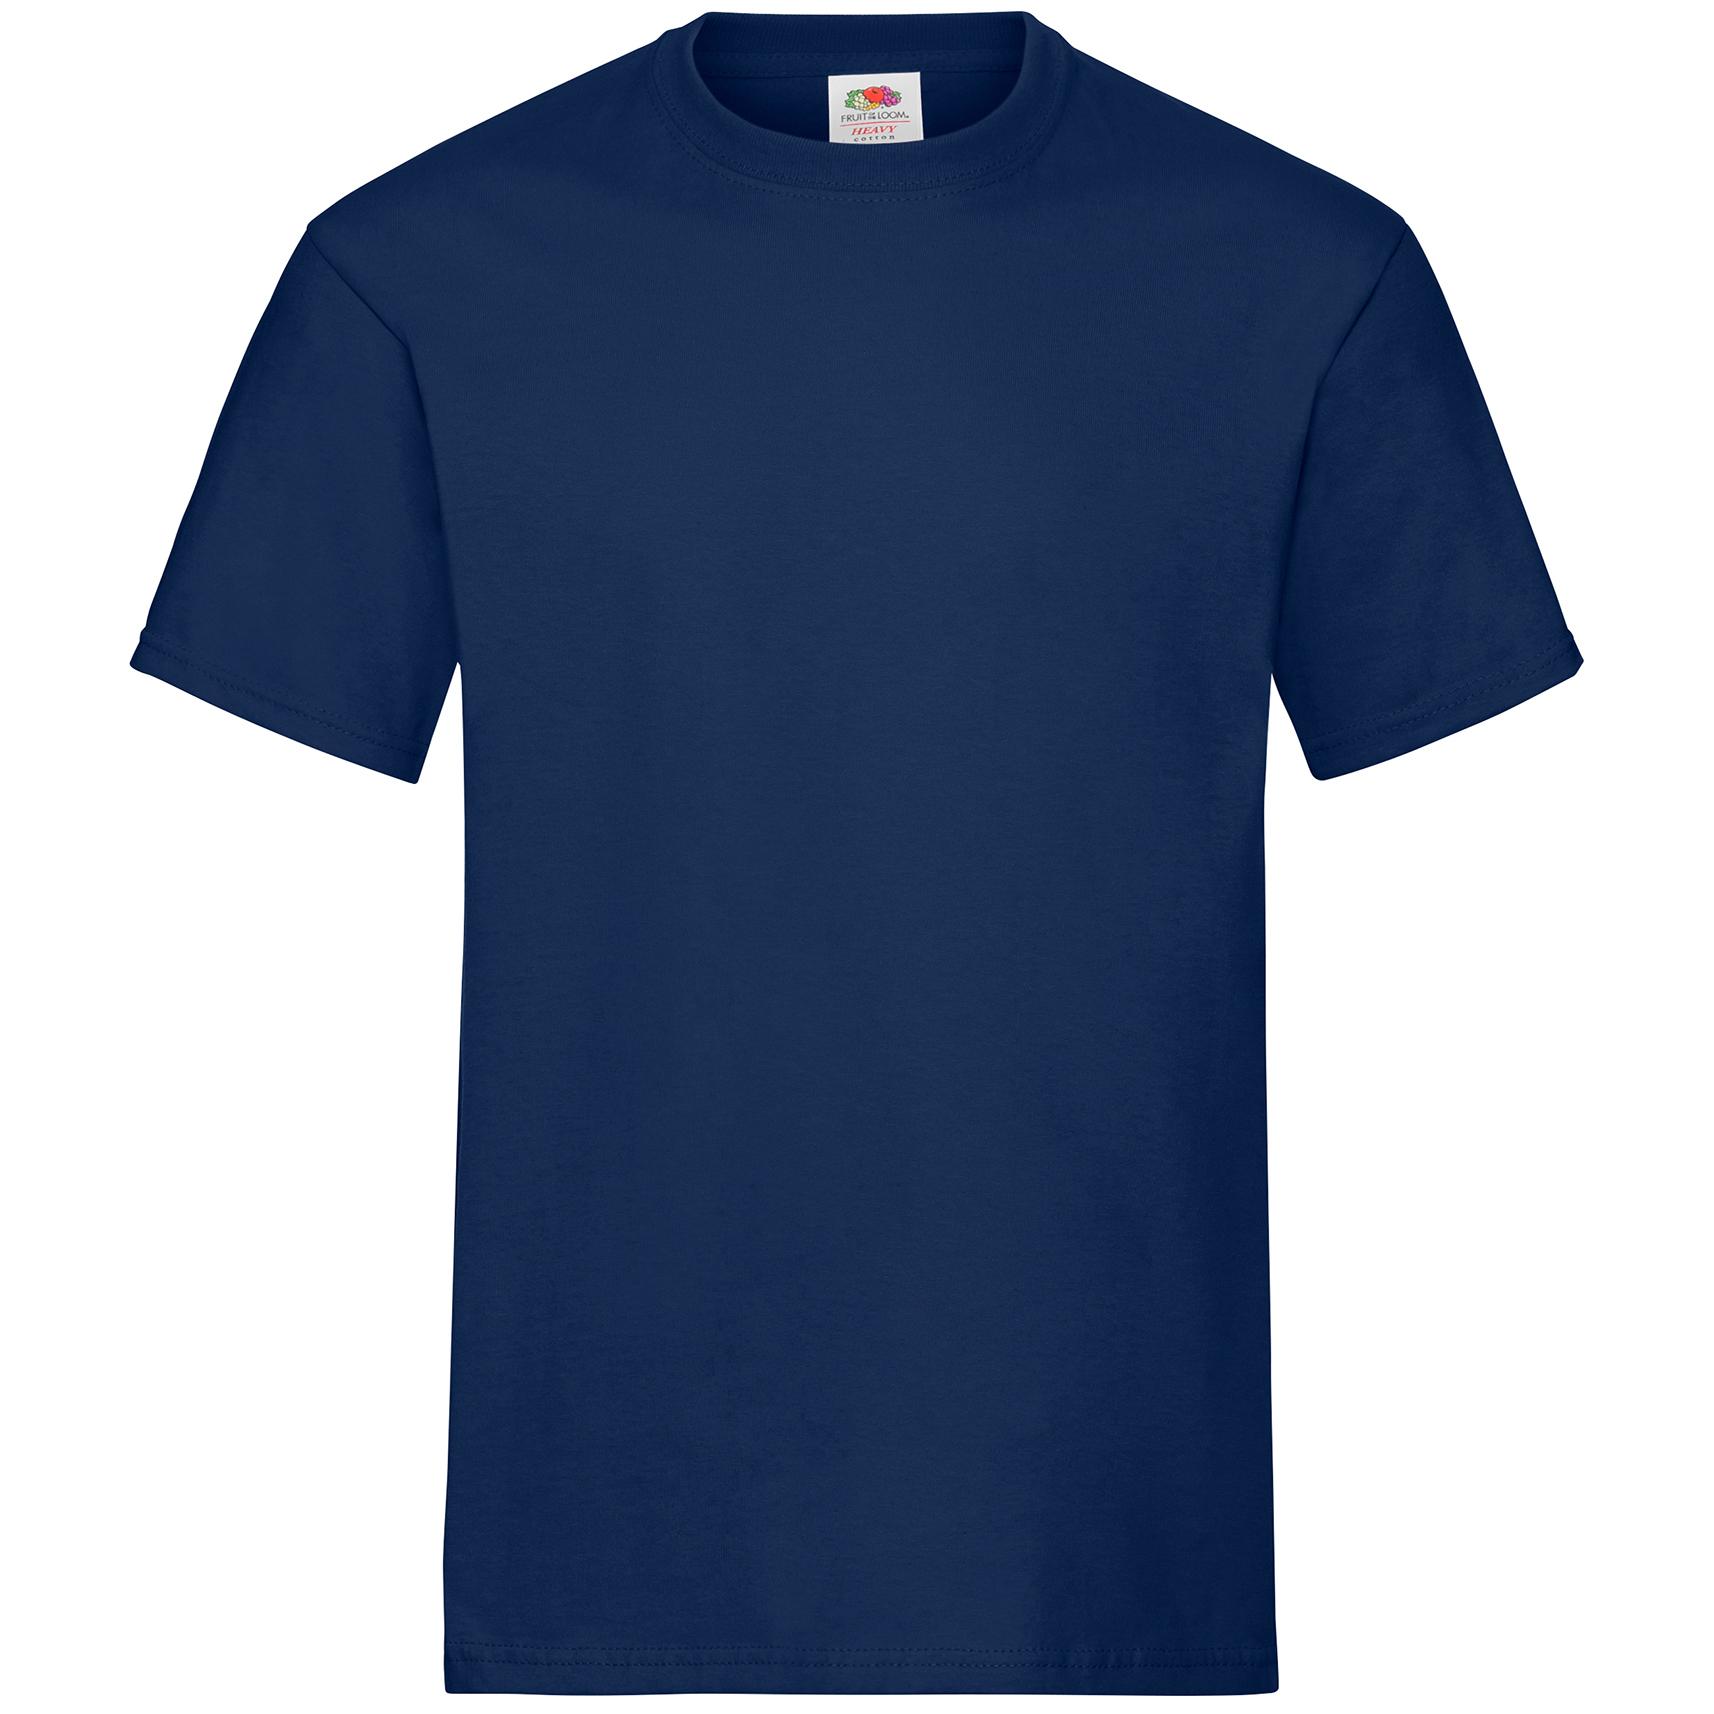 t shirt 61212 32 marin